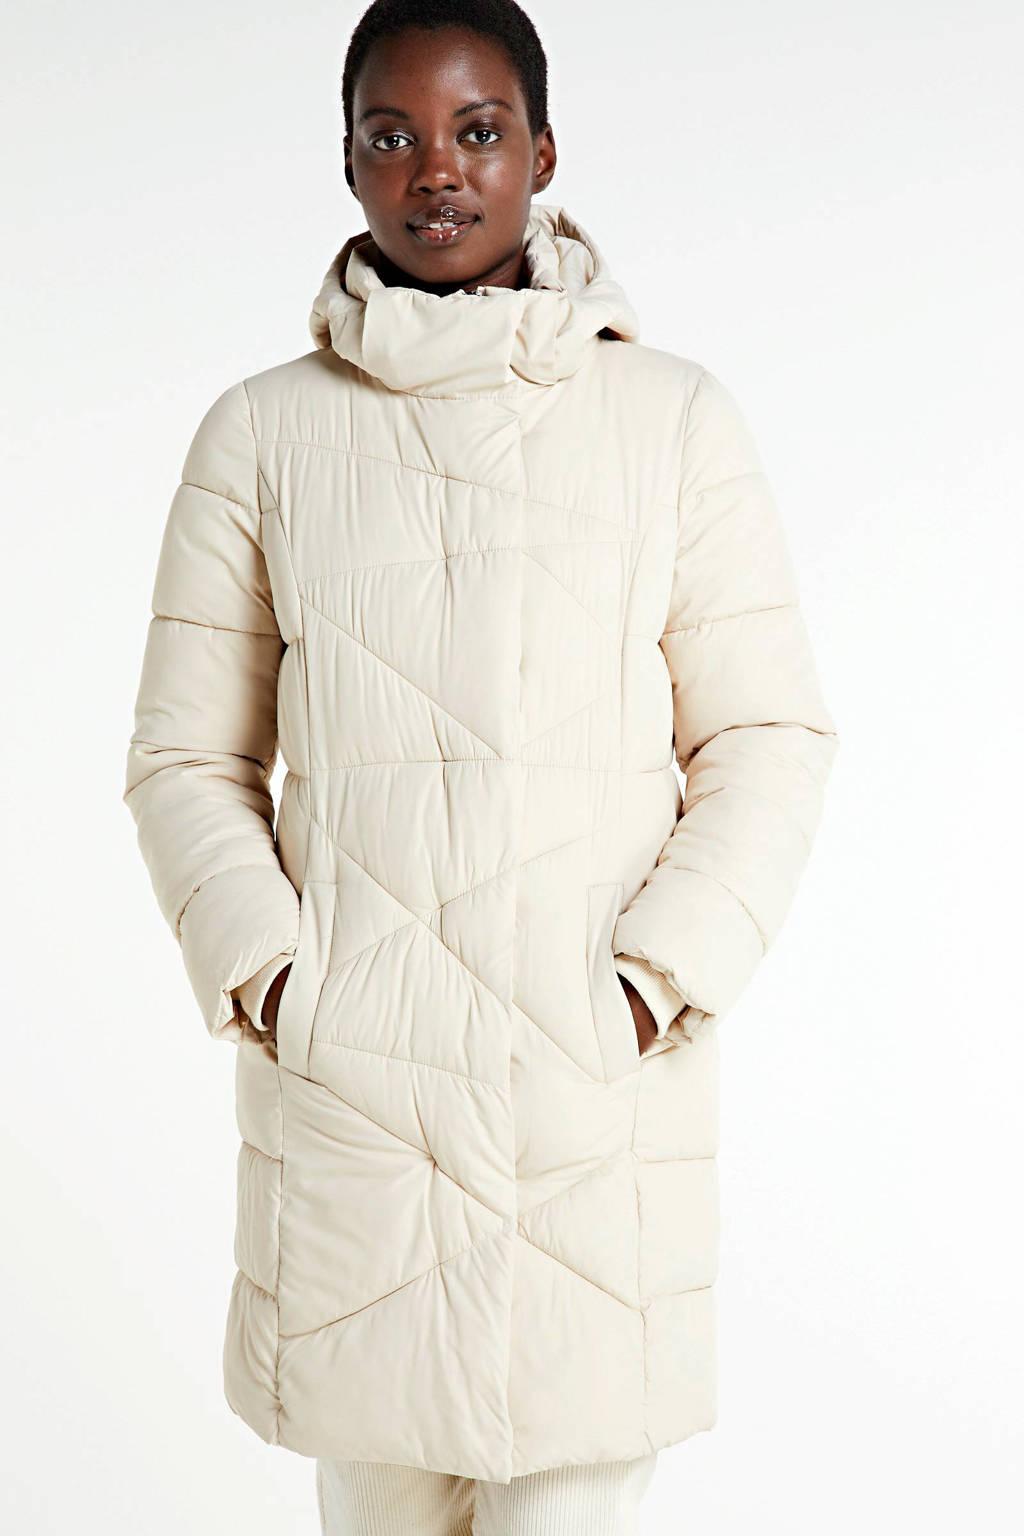 Peppercorn gewatteerde jas gebroken wit, Gebroken wit